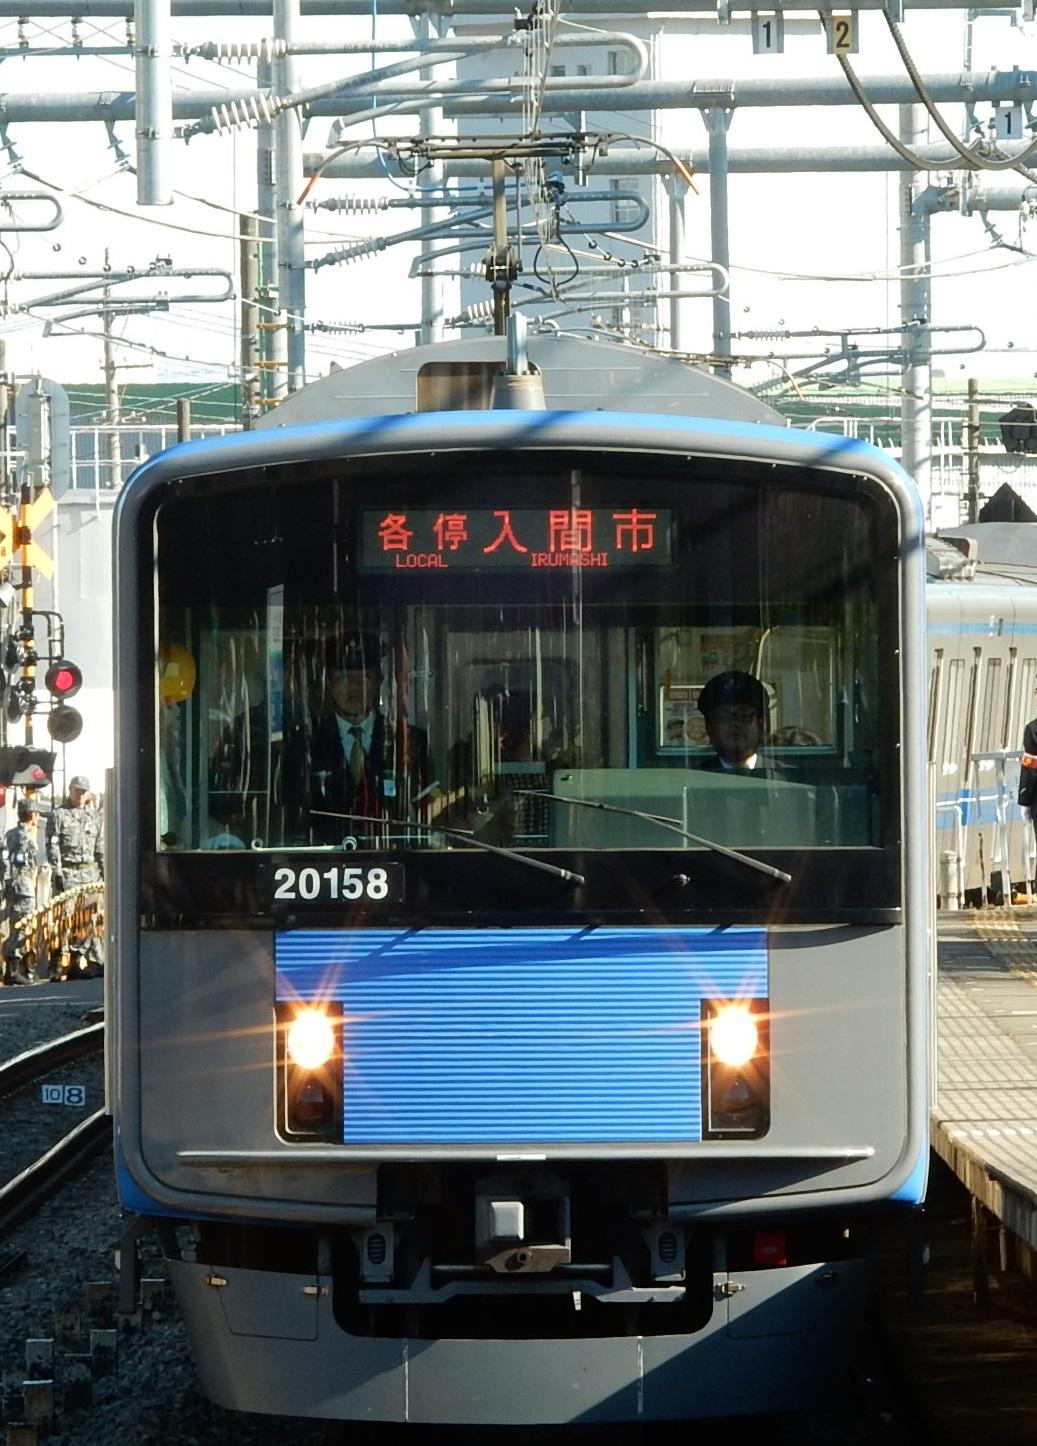 DSCN7849.jpg